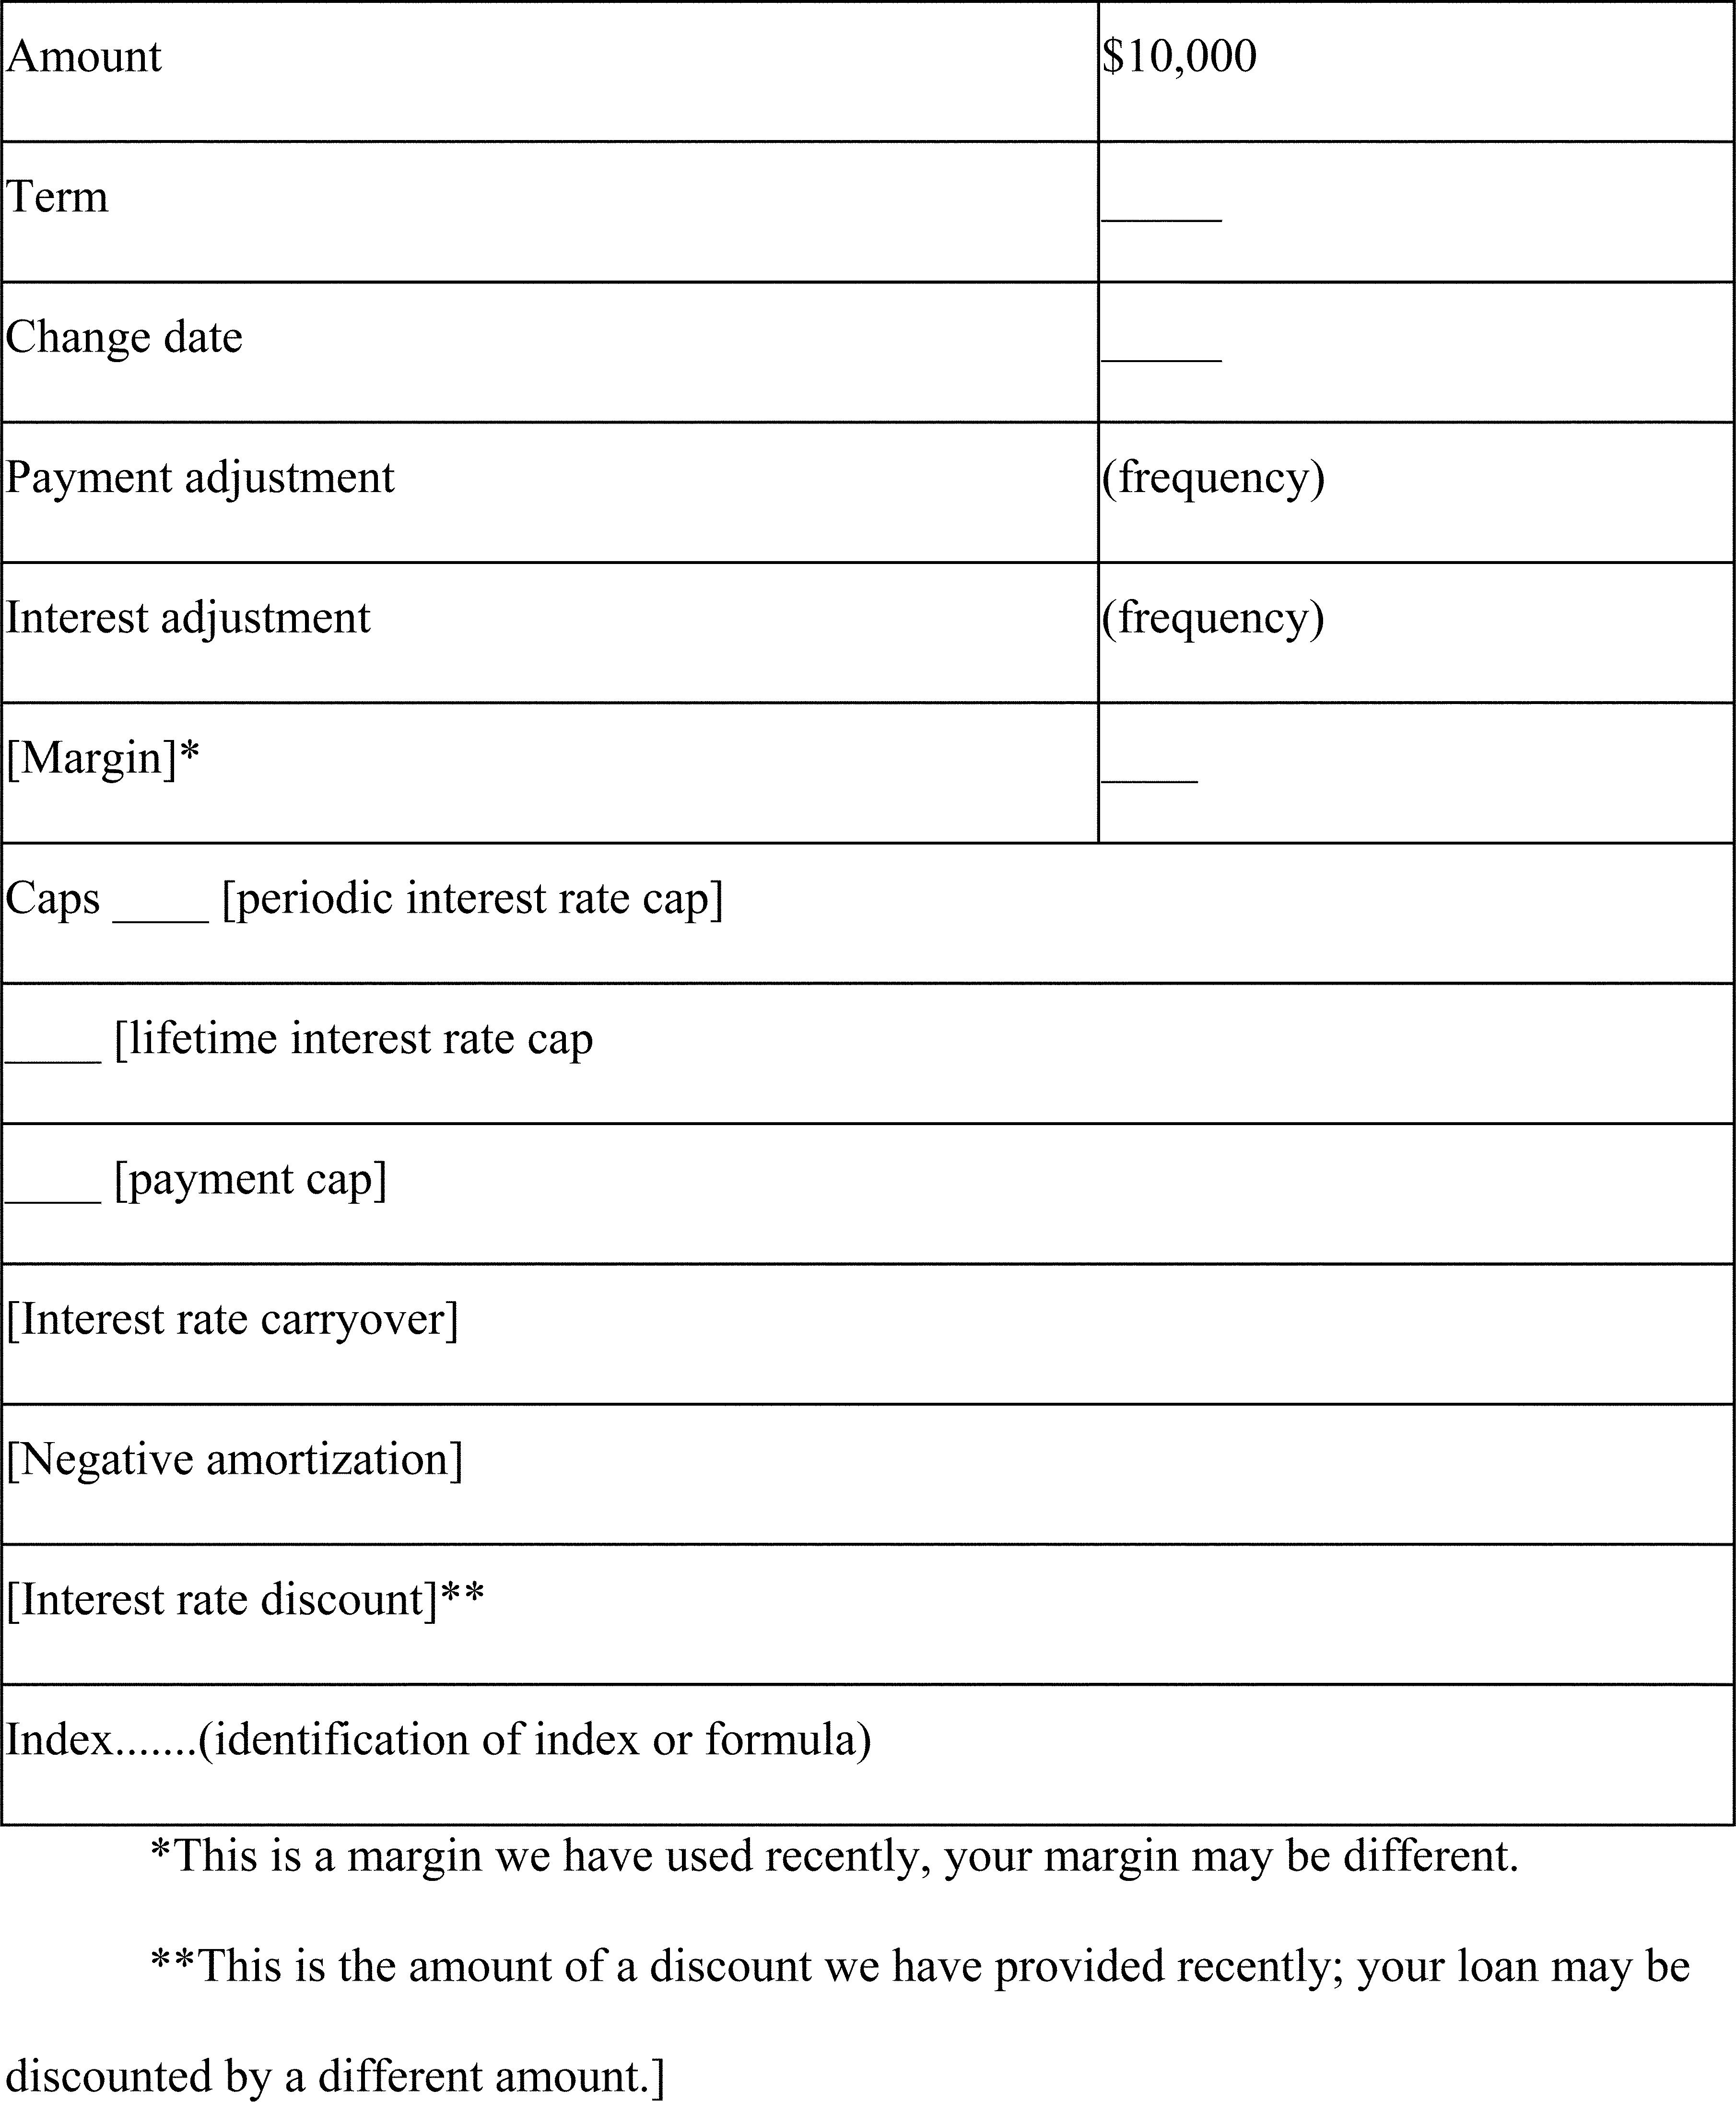 essay government regulation